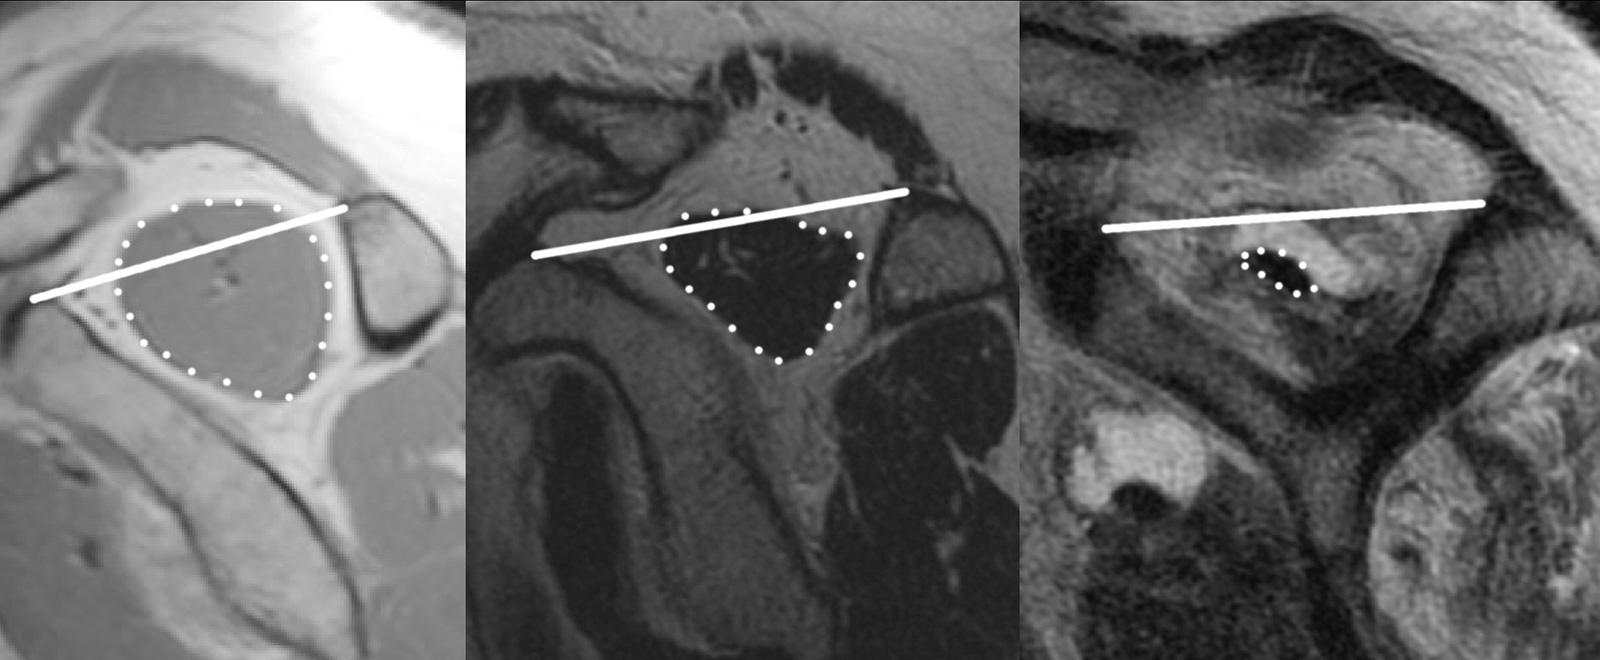 Abb. 2-9: MRT Bildgebung zur Beurteilung der Muskelatrophie des M. supraspinatus: keine Atrophie: Grad I nach Goutallier (A), moderate Atrophie: Grad II nach Goutallier (B), nahezu Vollständige Atrophie und fettige Infiltration: Grad IV nach Goutallier (C